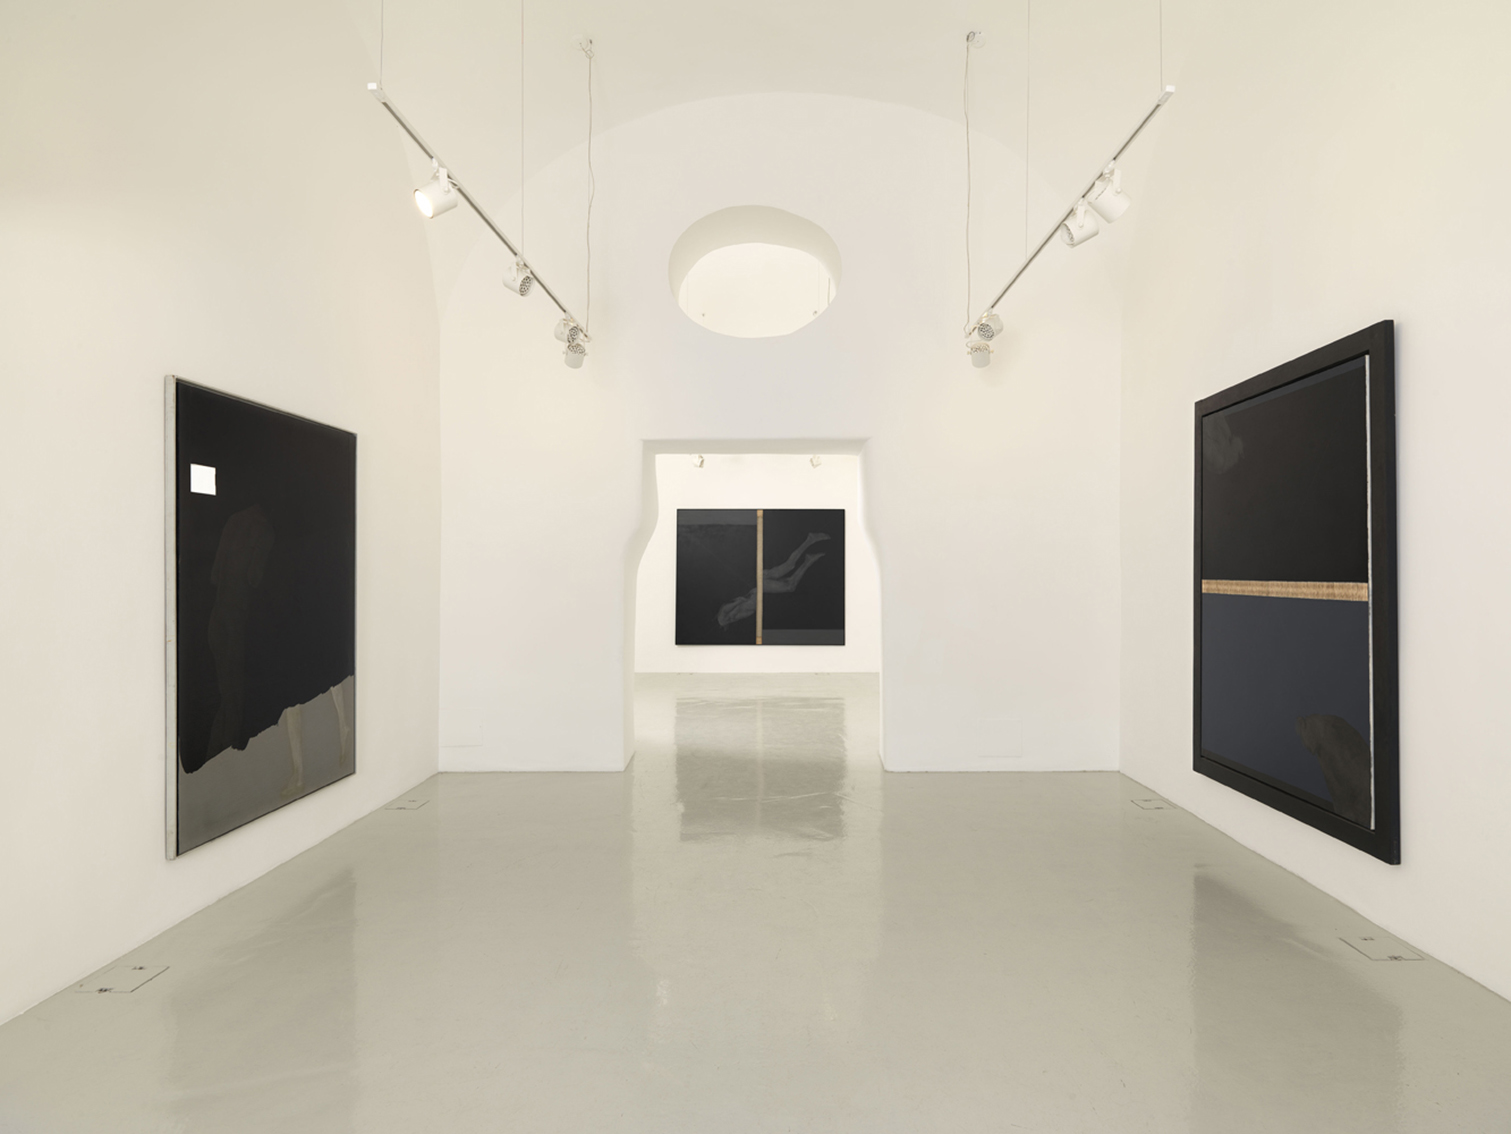 Carlo Alfano – La pienezza dell'assenza - installation view at Studio Trisorio, Napoli 2016